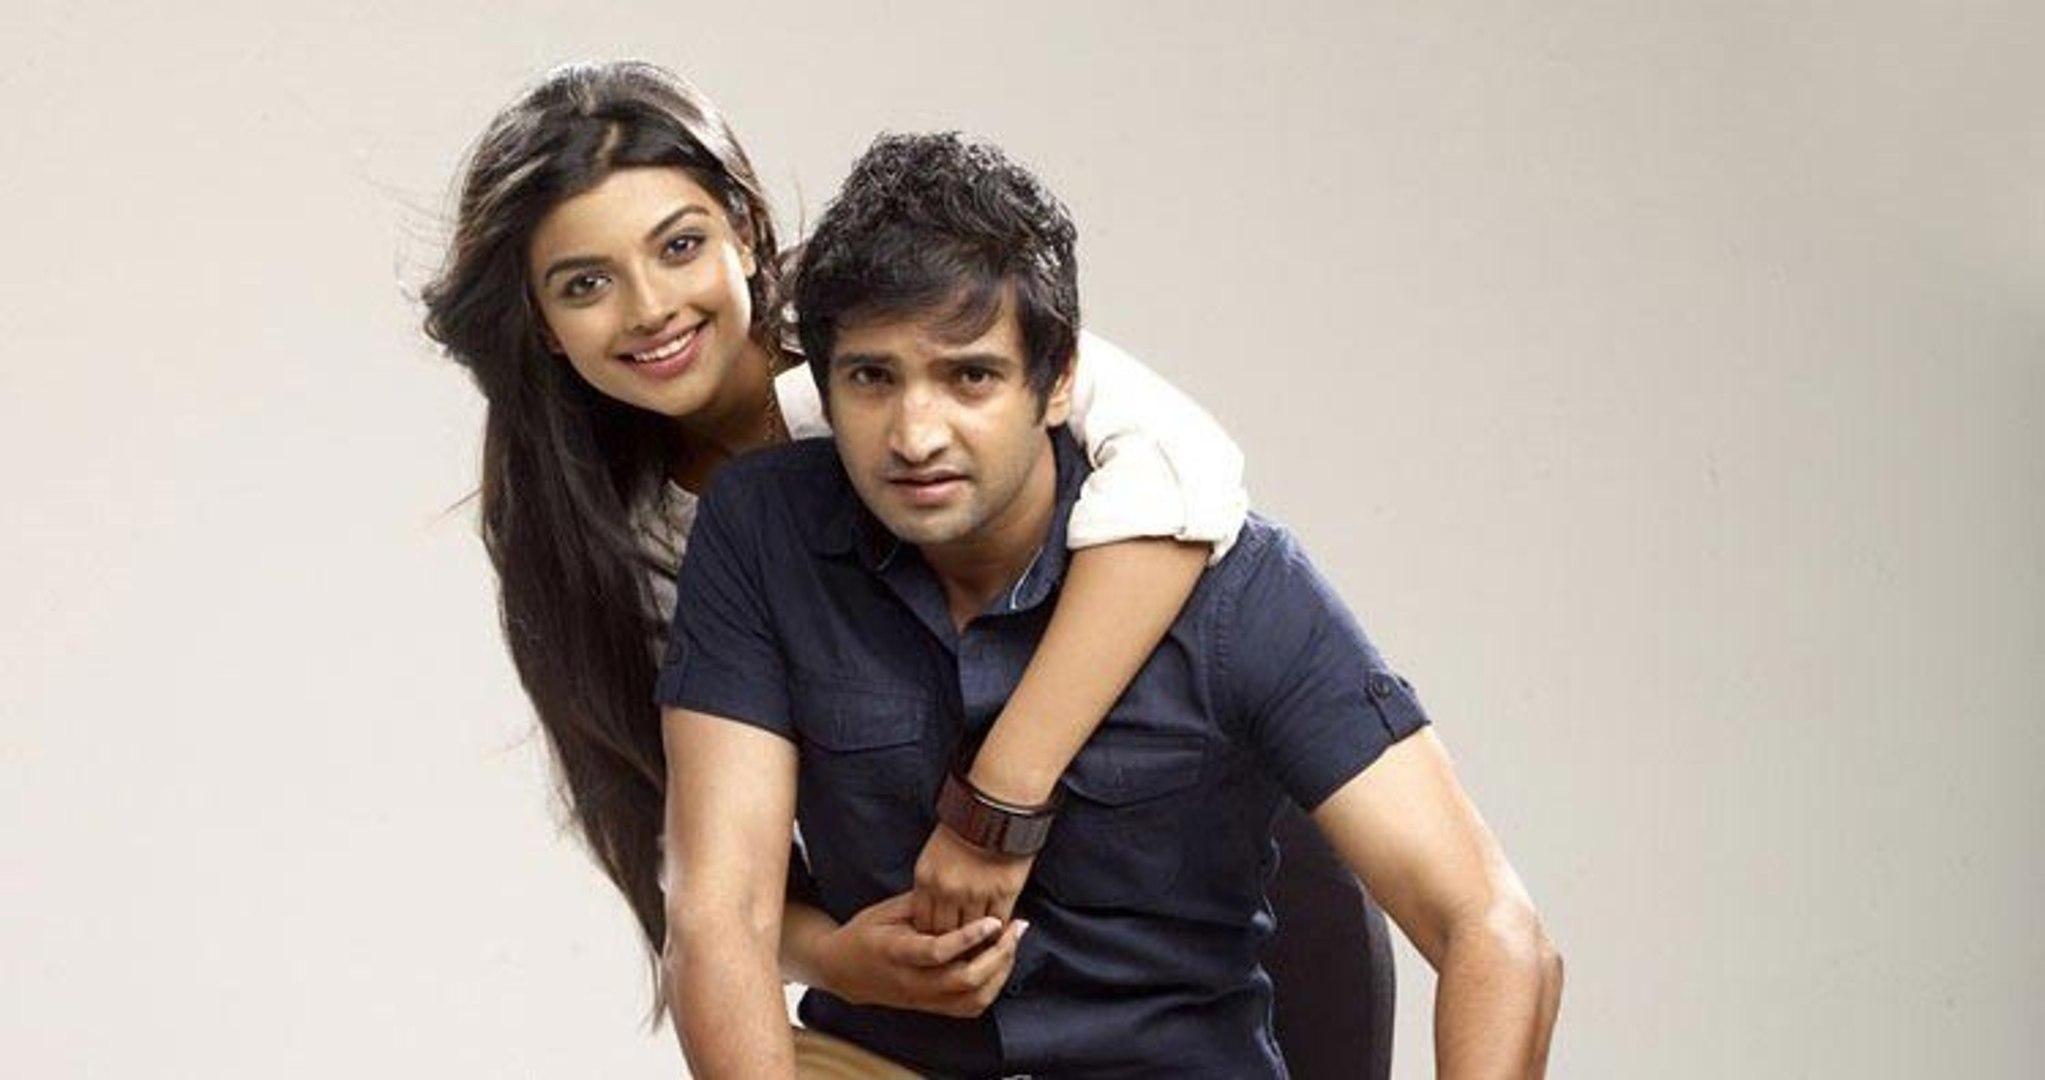 Vallavanukku Pullum Aayudham (2014) Full Movies